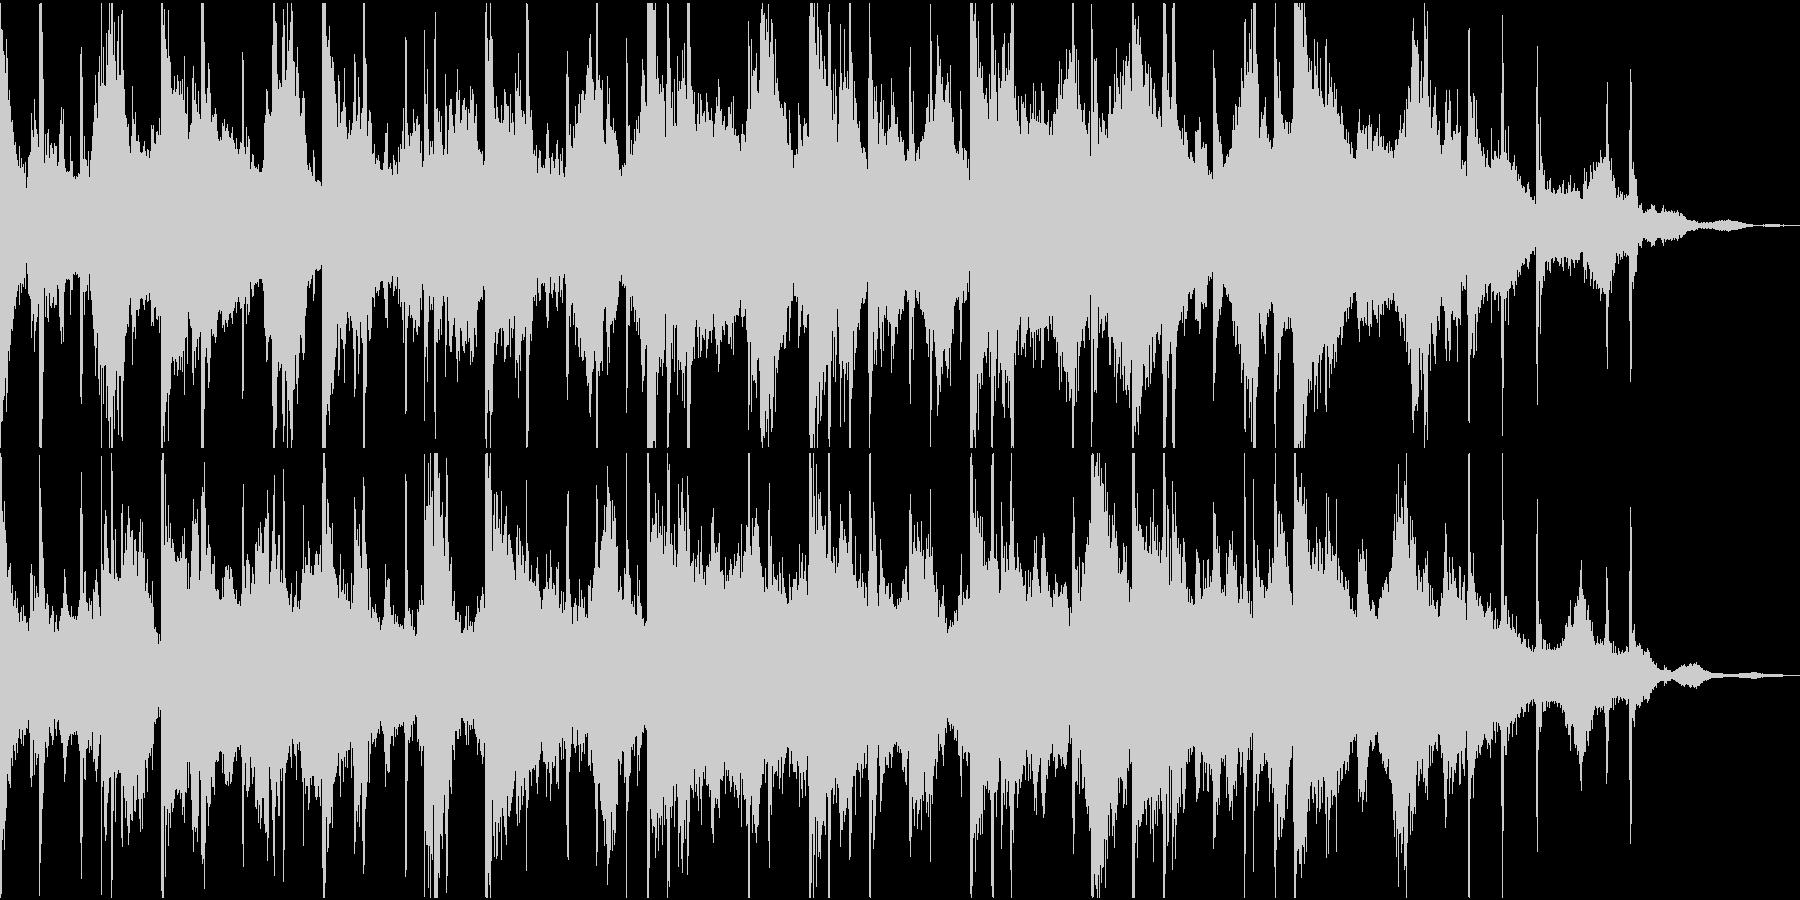 幻想的で物悲しいピアノとシンセのBGMの未再生の波形